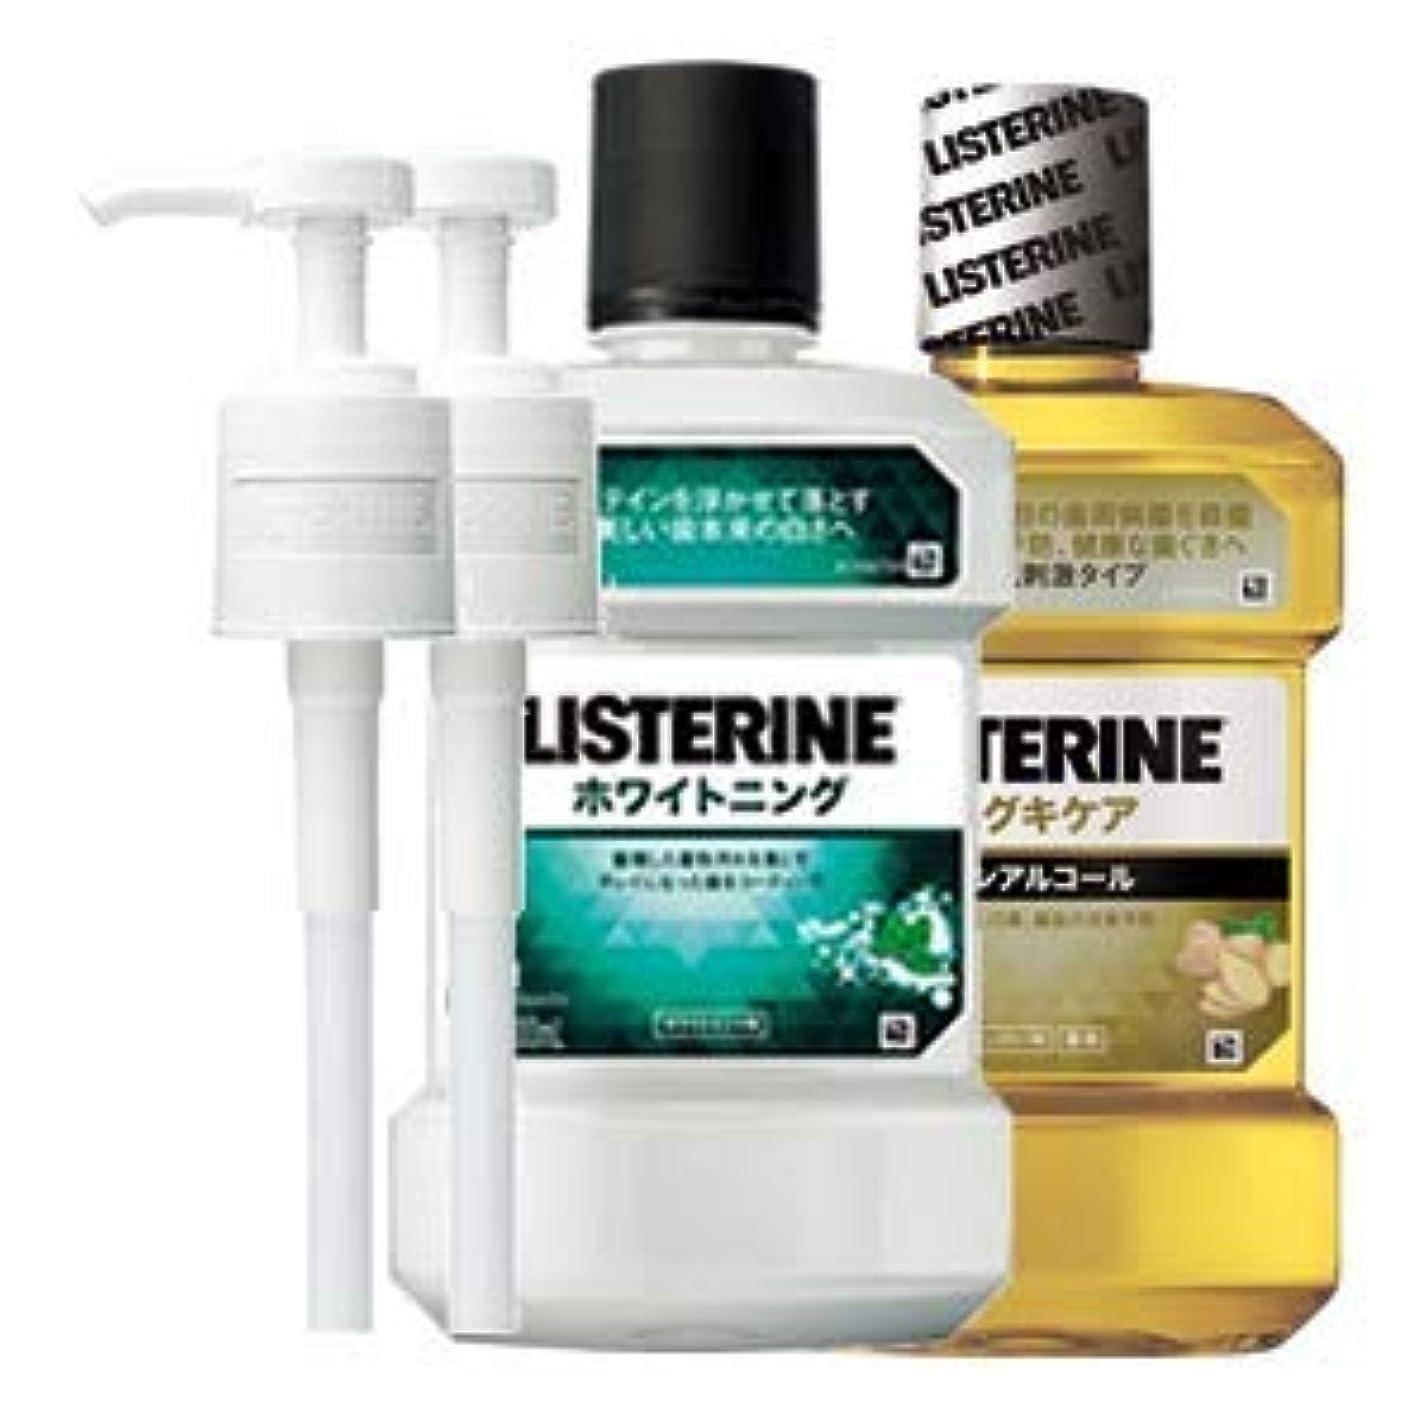 クーポン冗長に対応薬用 リステリン ホワイトニング ハグキケア 1000mL 2点セット (ポンプ付)